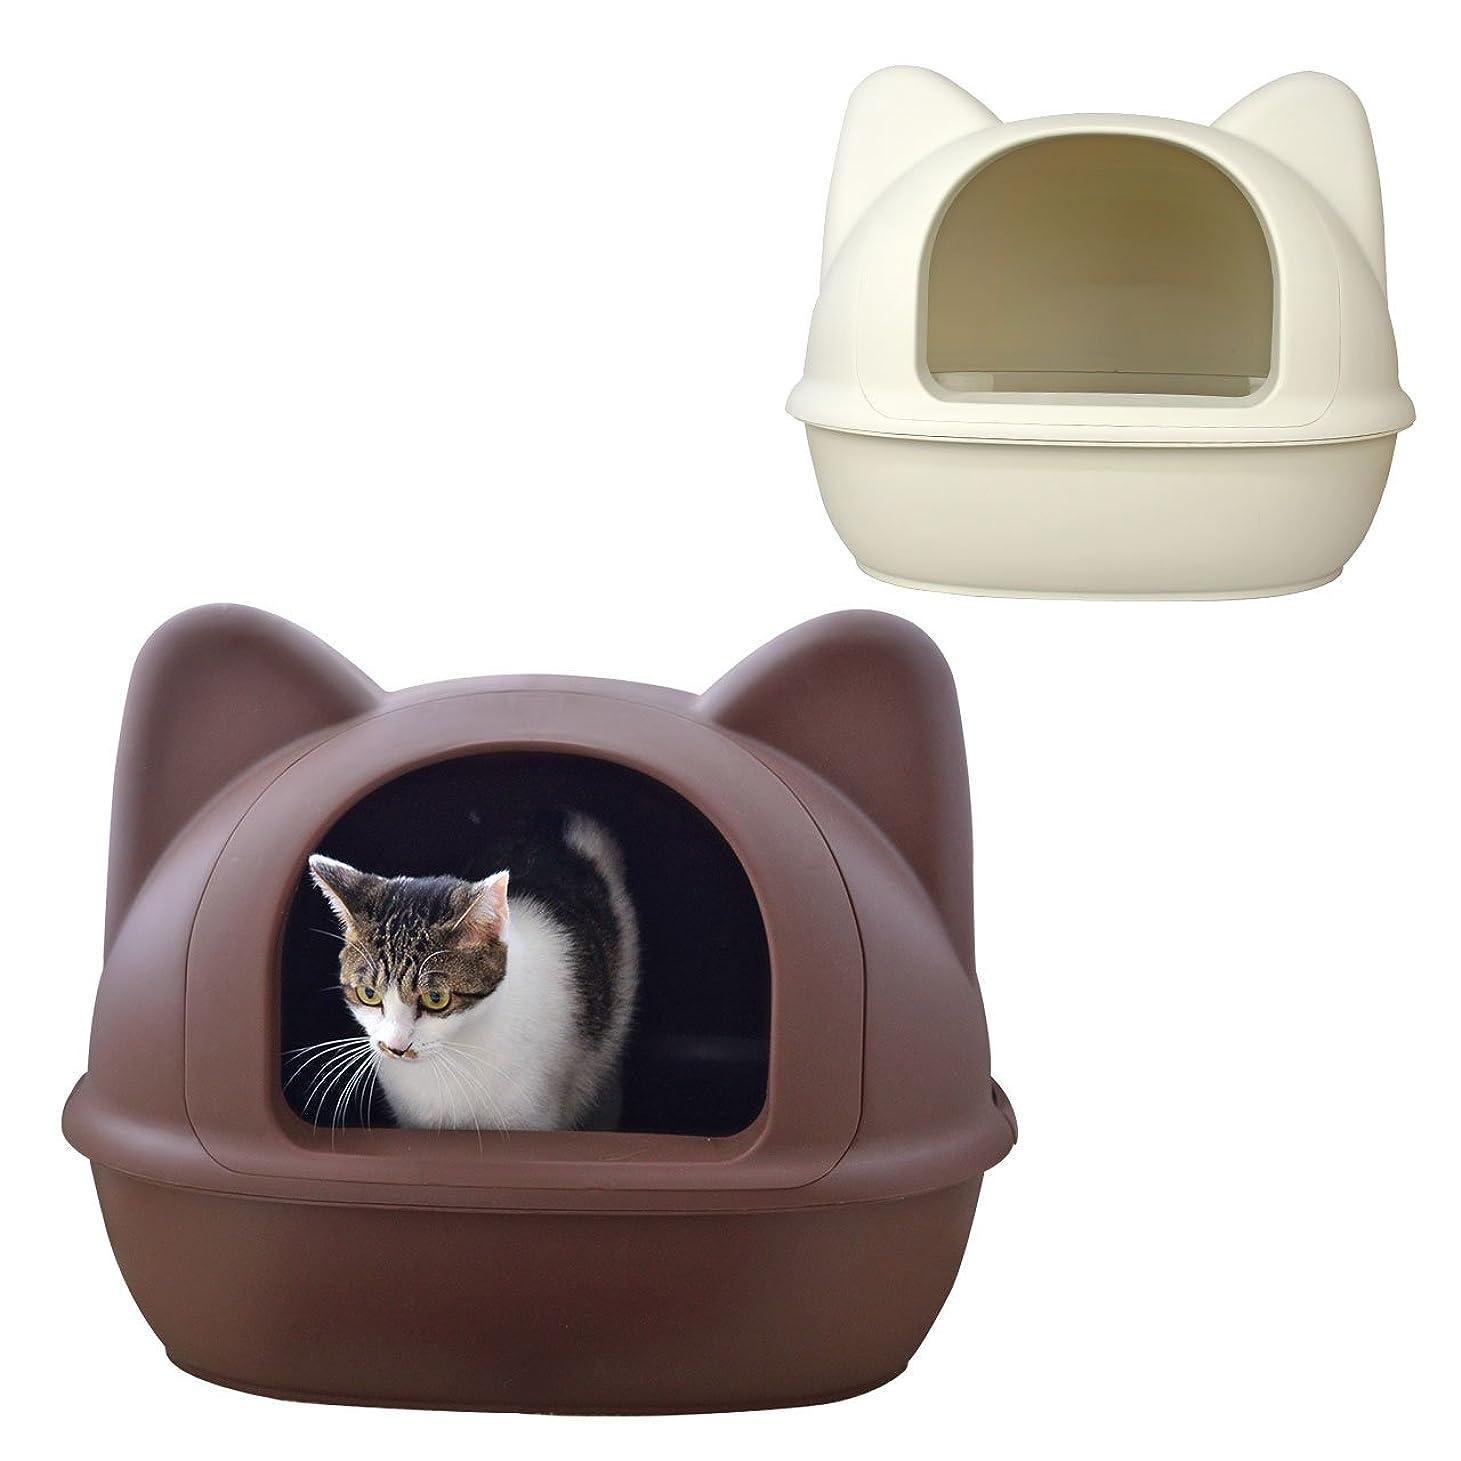 競争力のある交通渋滞勧告猫トイレ用スコップ!PETMATE(ペットメイト) リッタースコップ パールホワイト